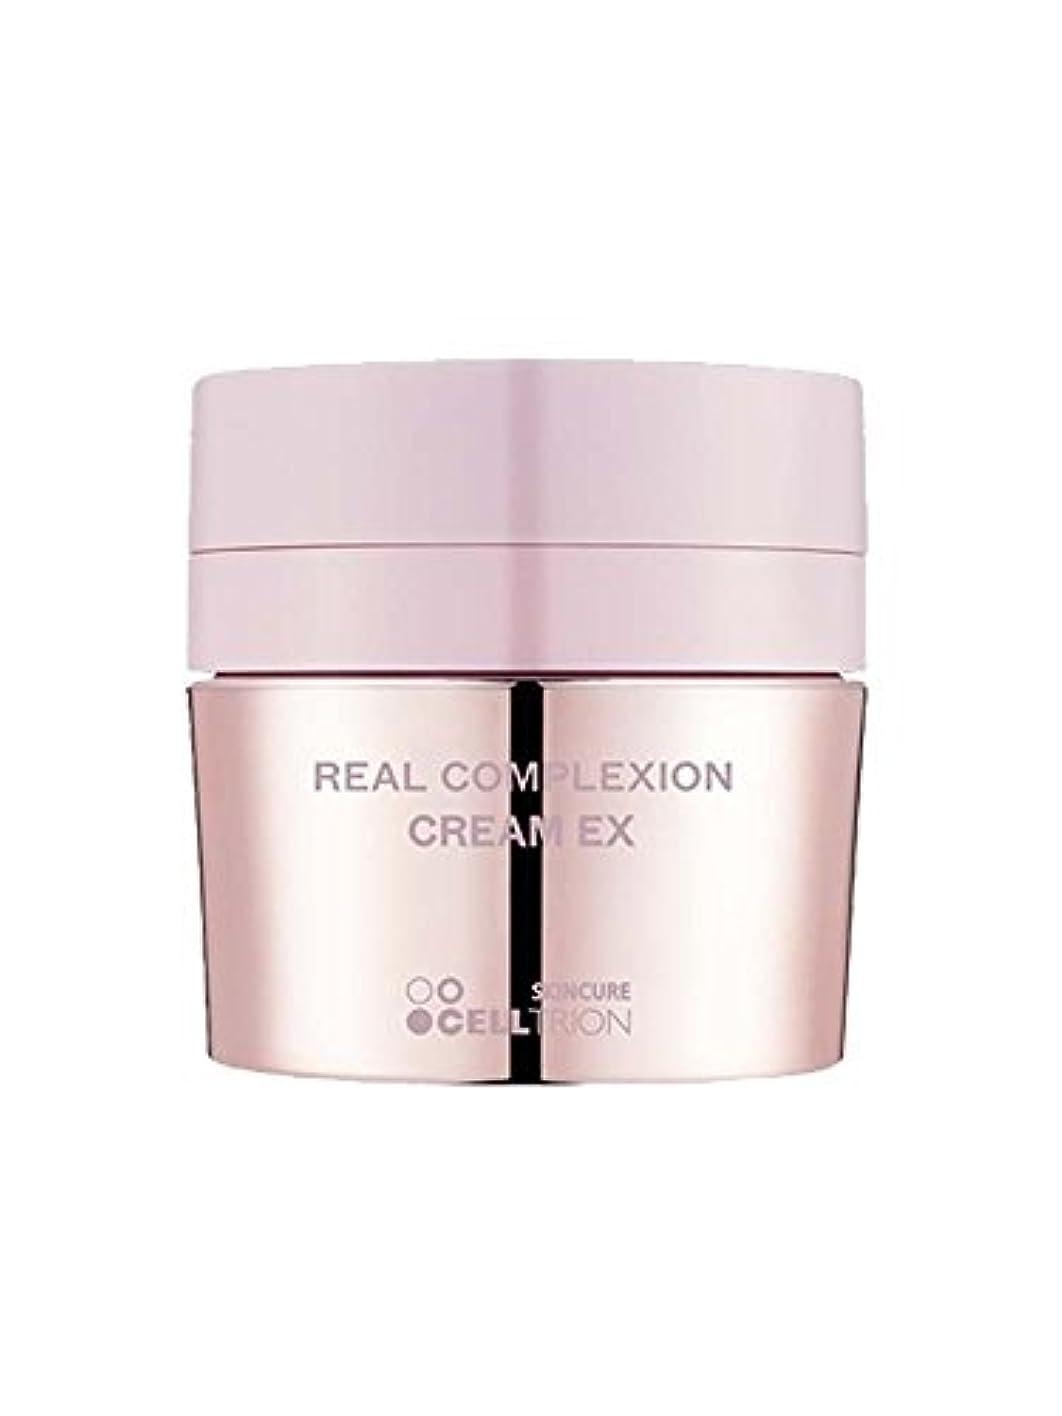 処理する解決するパノラマHANSKIN Real Complexion cream EX 50ml/ハンスキン リアル コンプレクション クリーム EX 50ml [並行輸入品]